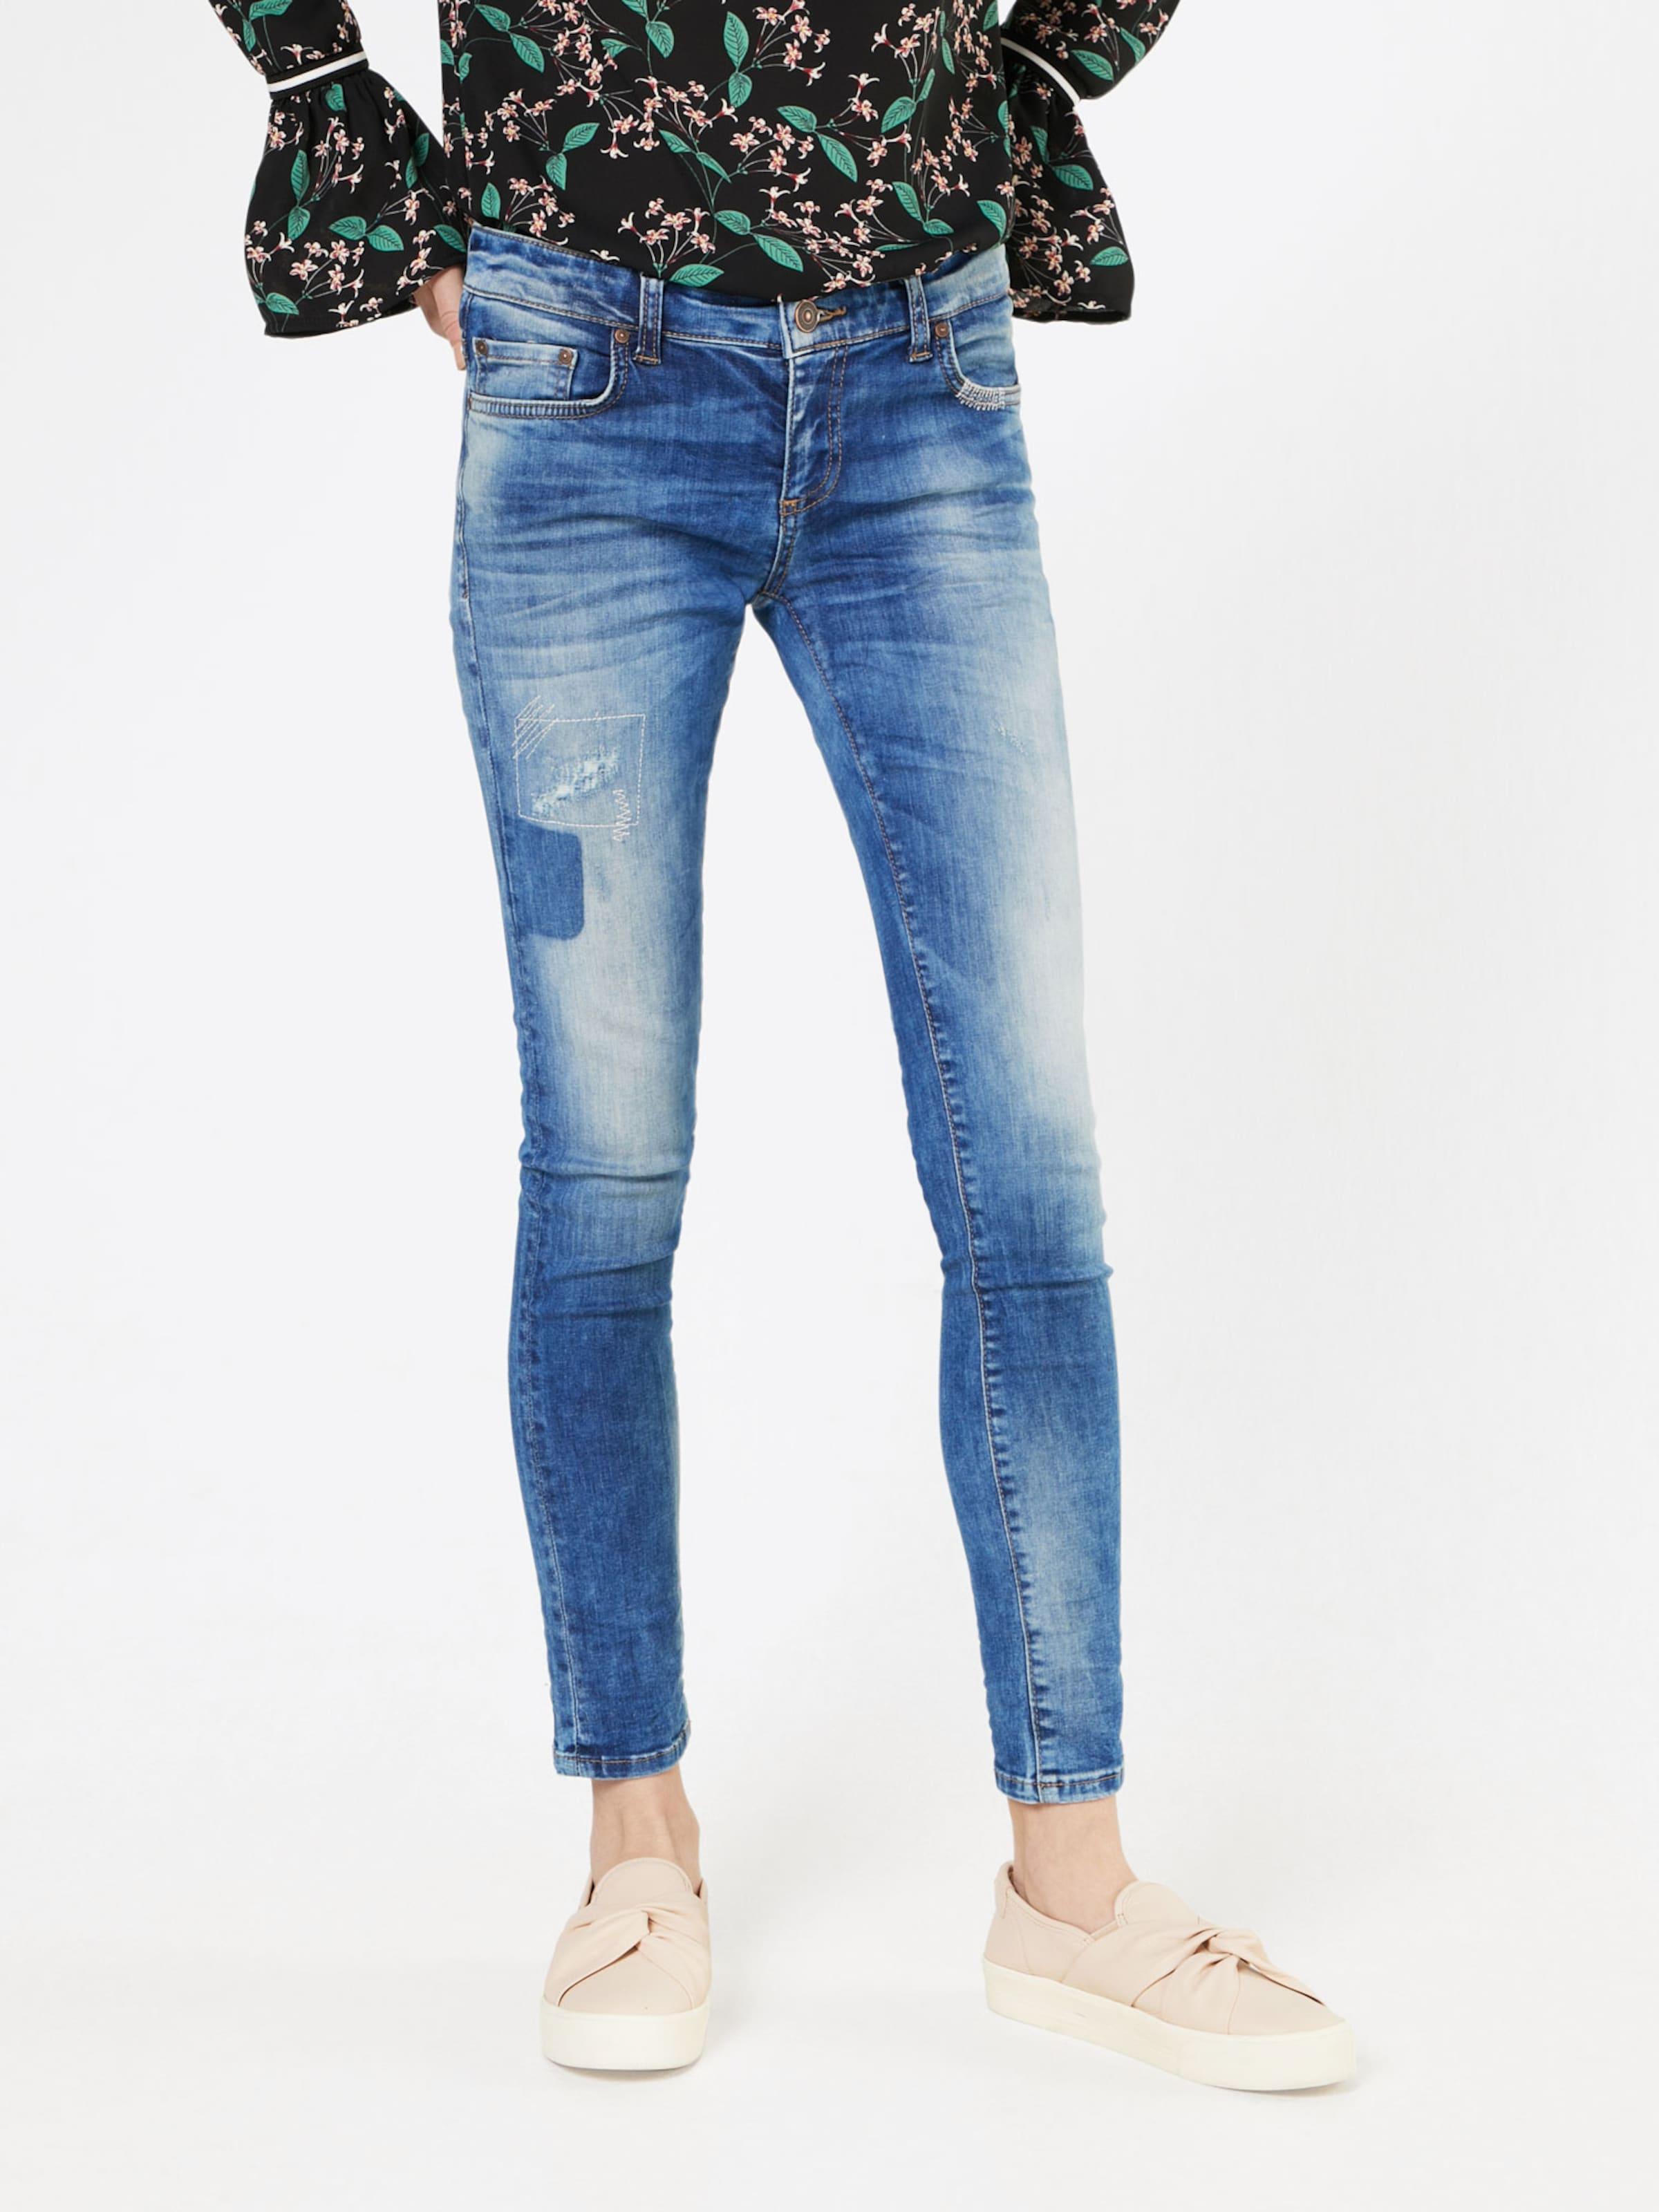 Exklusiver Günstiger Preis Niedriger Versandverkauf Online LTB 'MINA' Skinny Jeans Surfen Günstig Online 8rMSf